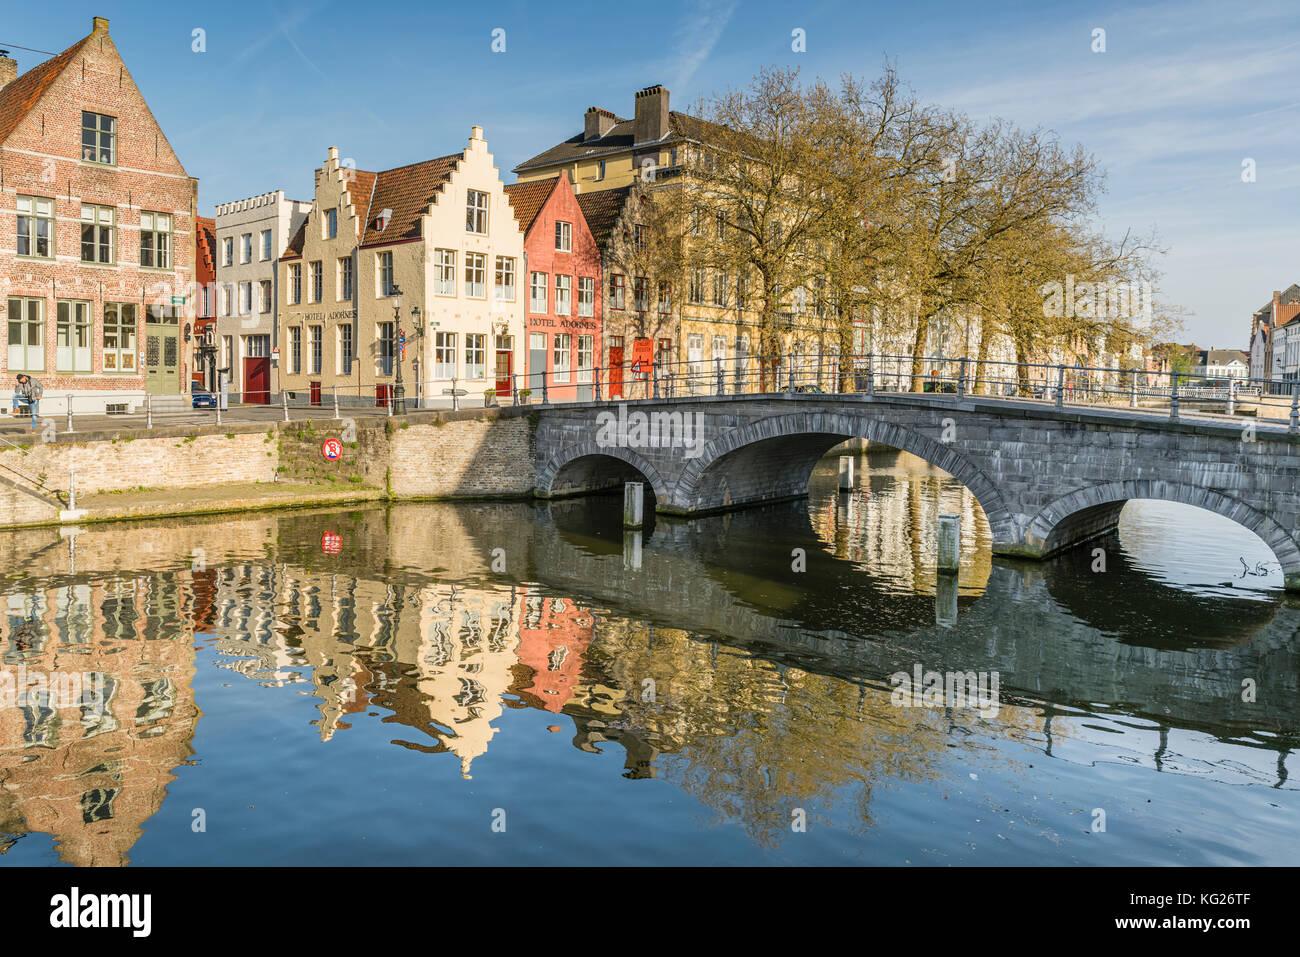 Brücke und Häuser auf dem Kanal Langerei, Brügge, Westflandern Provinz, Region Flandern, Belgien, Stockbild